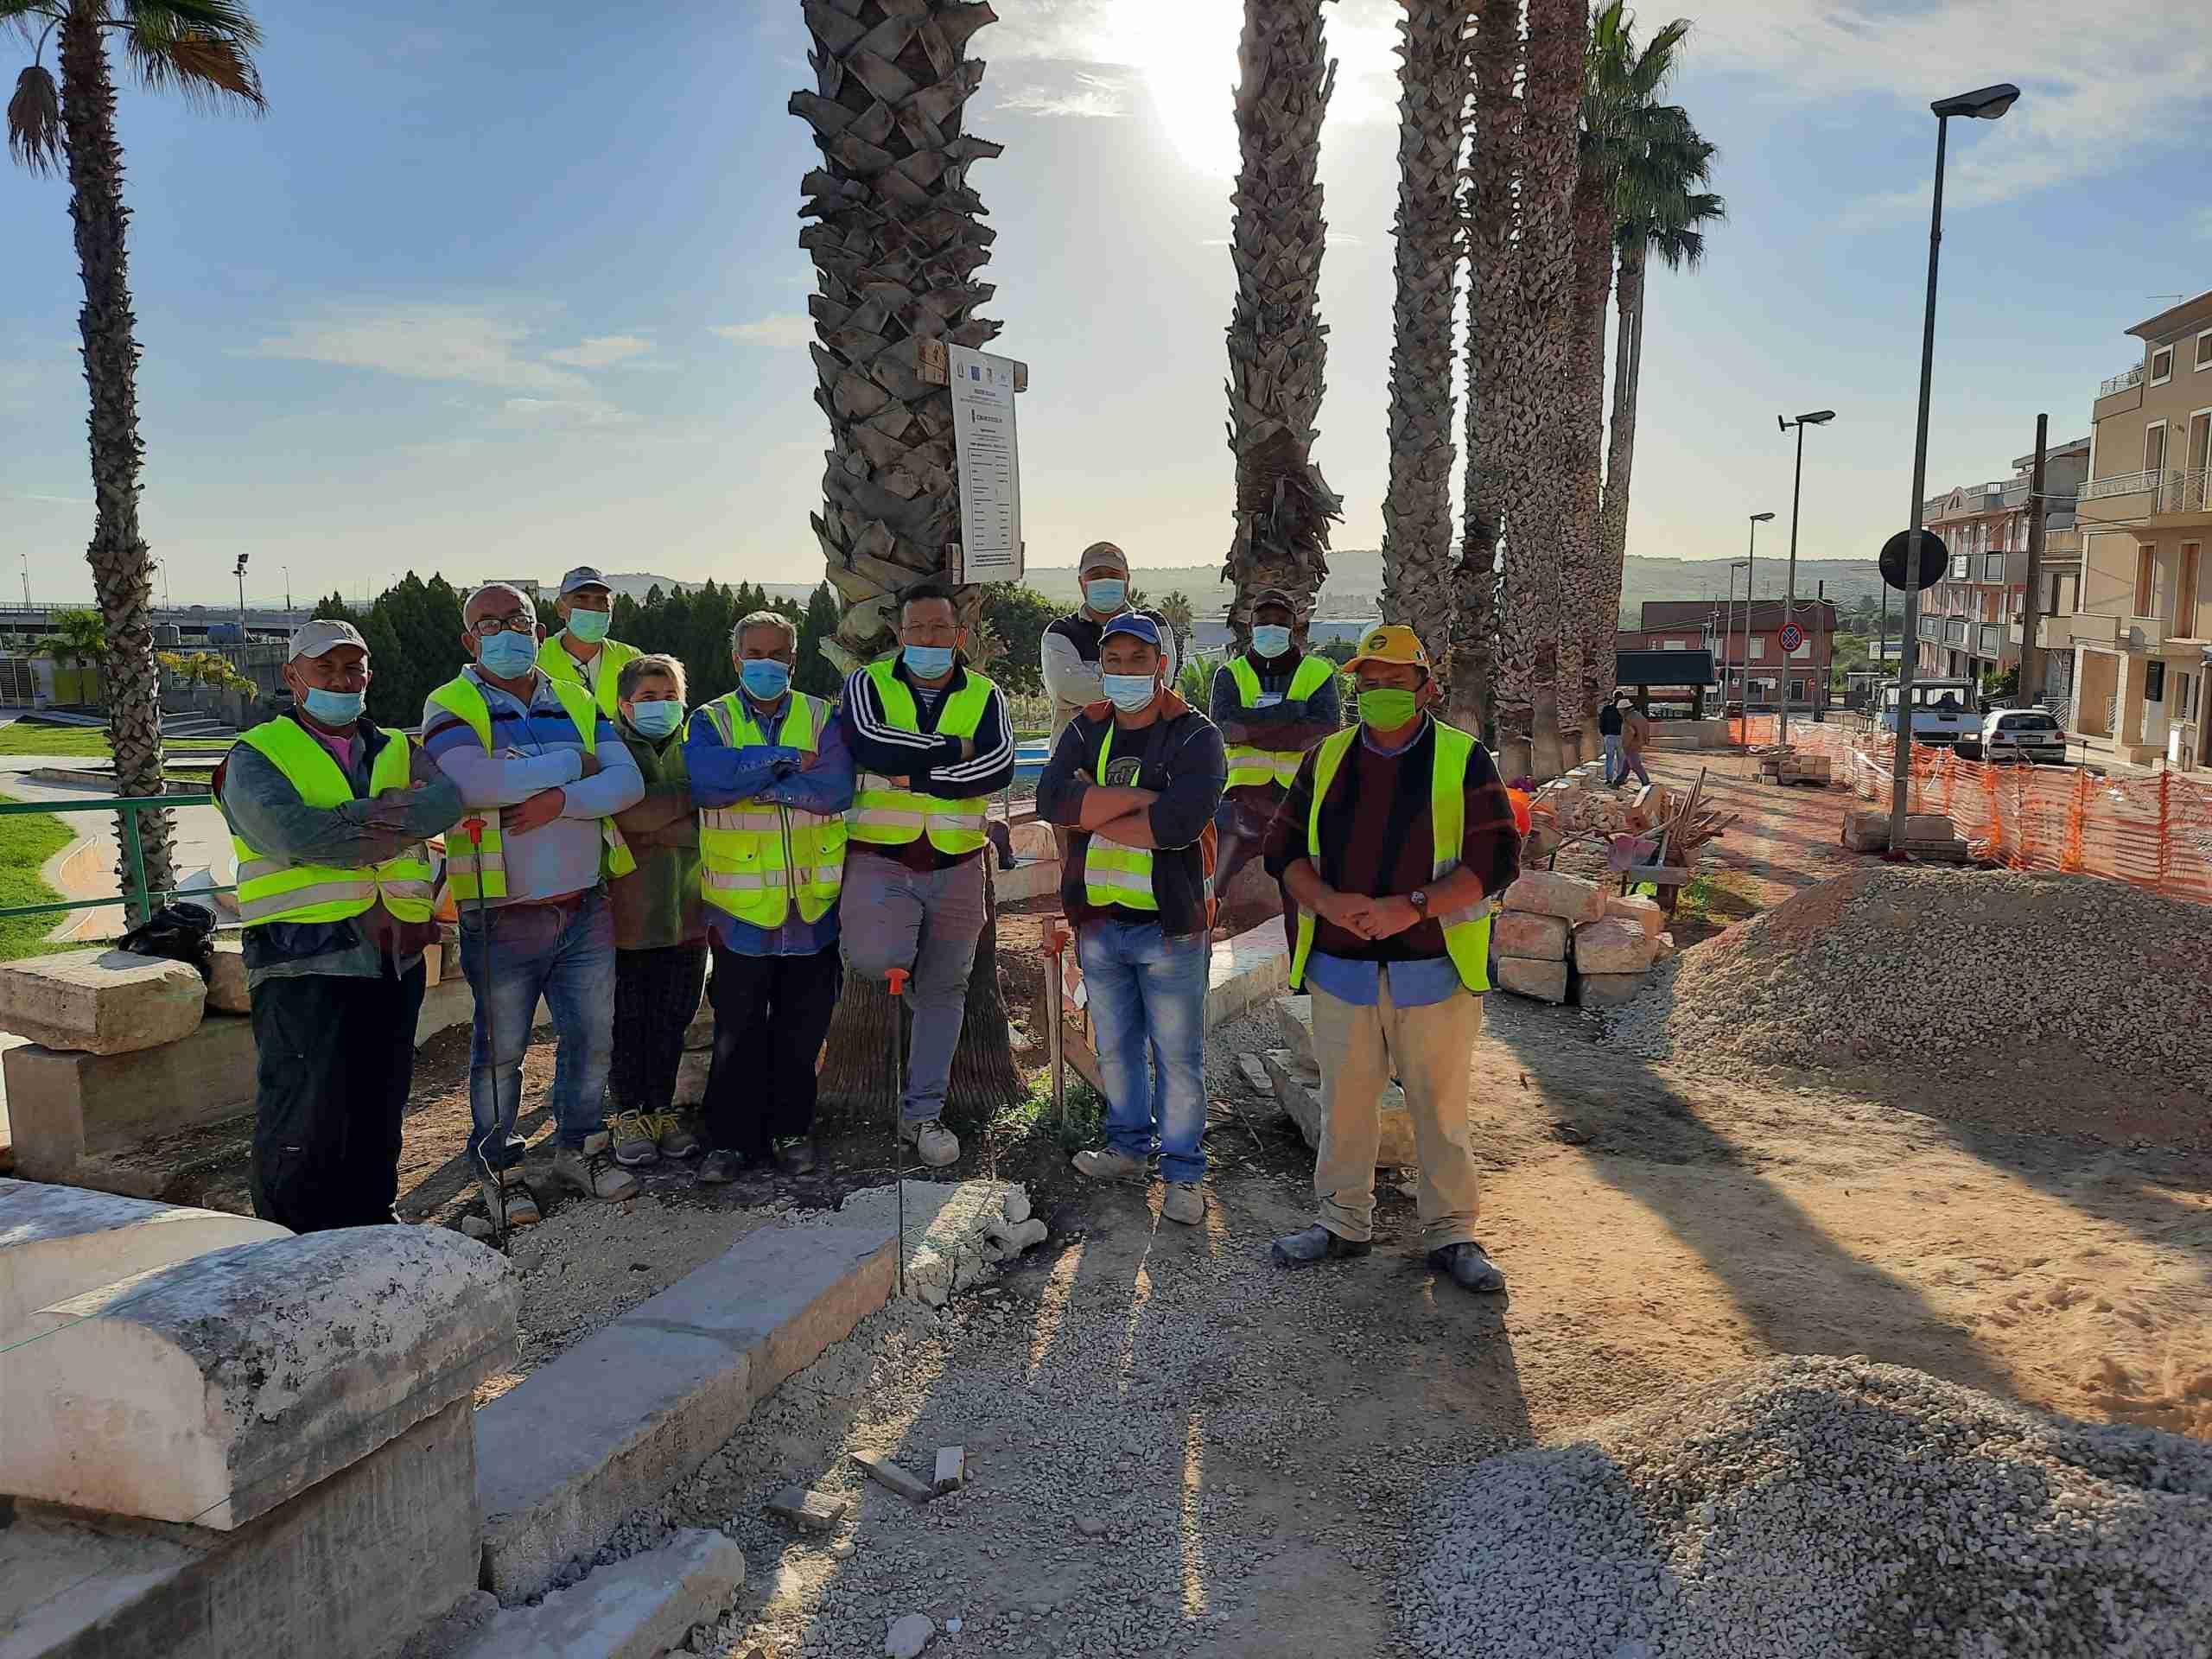 Cantiere regionale, lavoratori senza stipendio incrociano le braccia